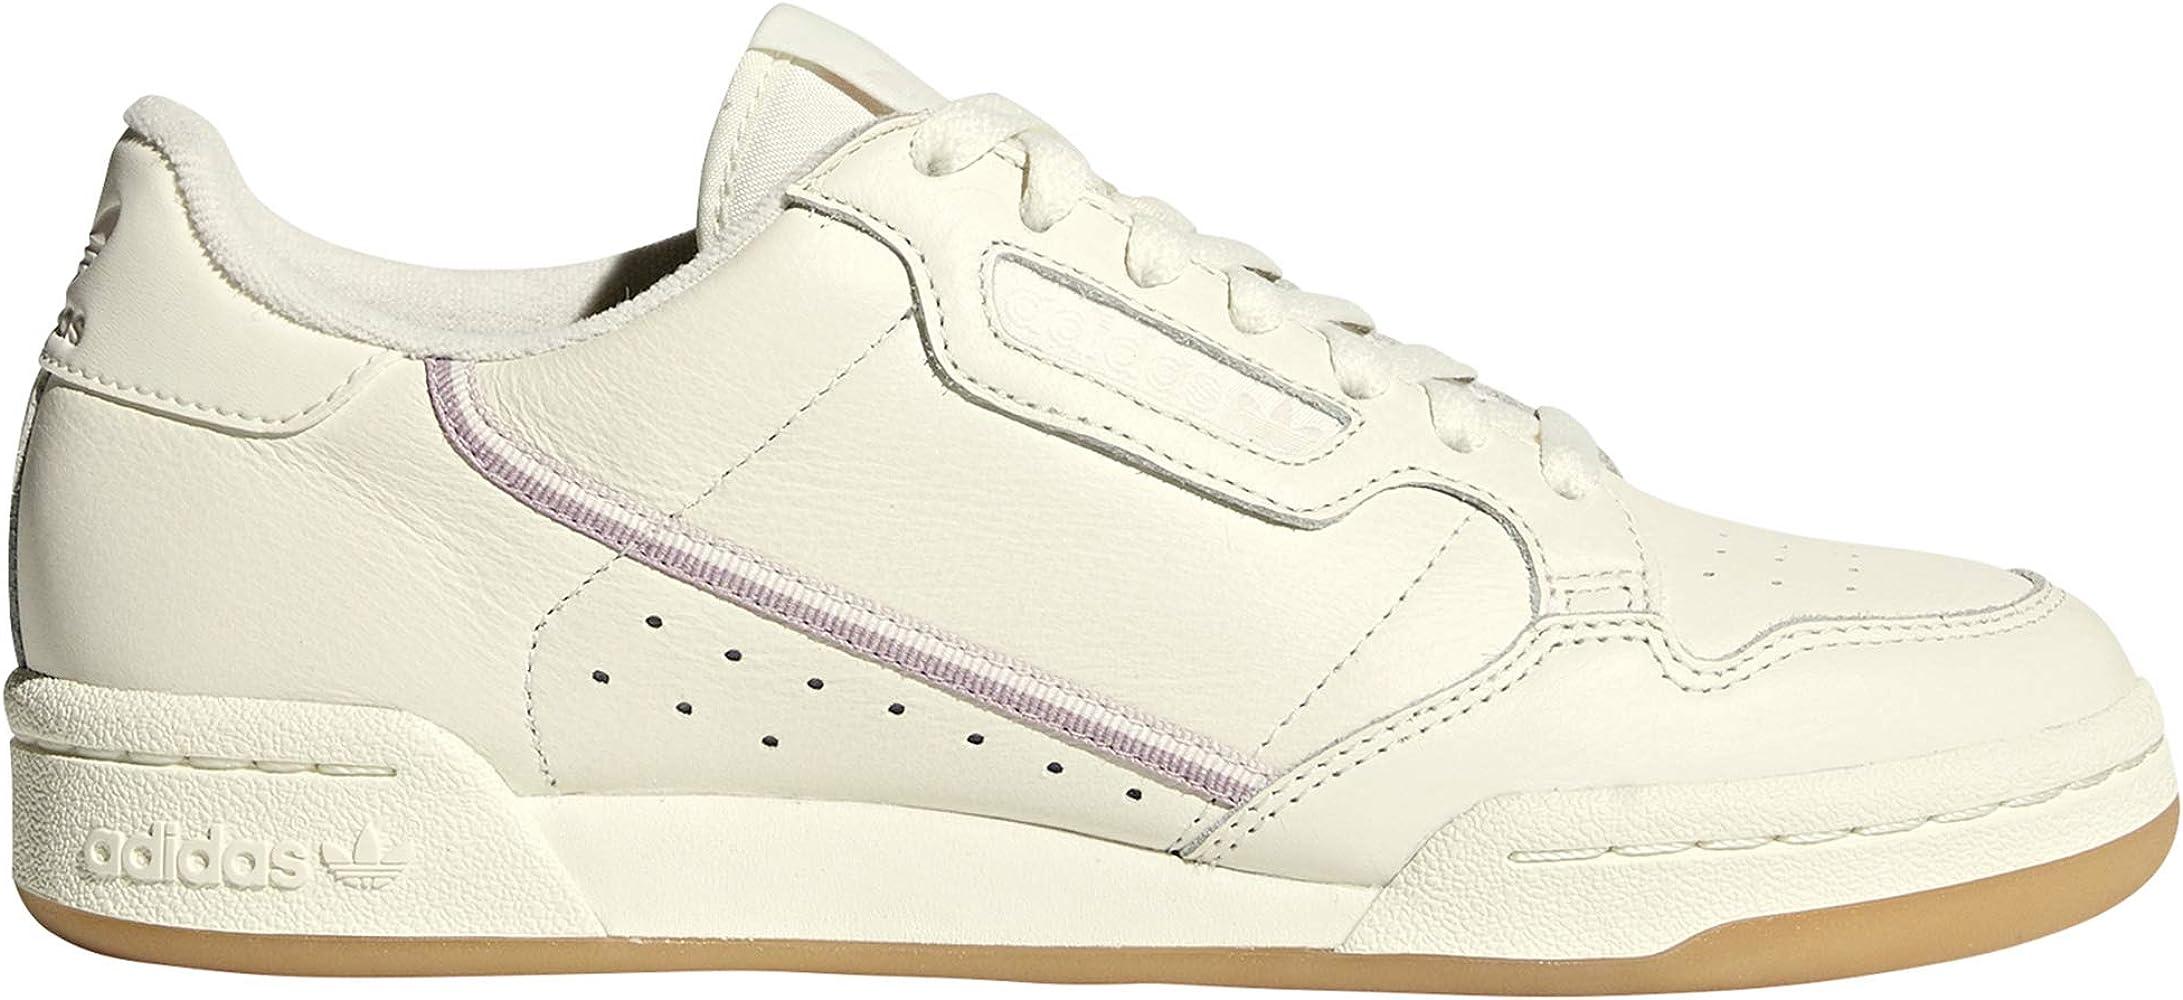 acheter populaire 83f6e 8c9ca Adidas Continental 80 White, Basket Mode pour Les Femmes ...